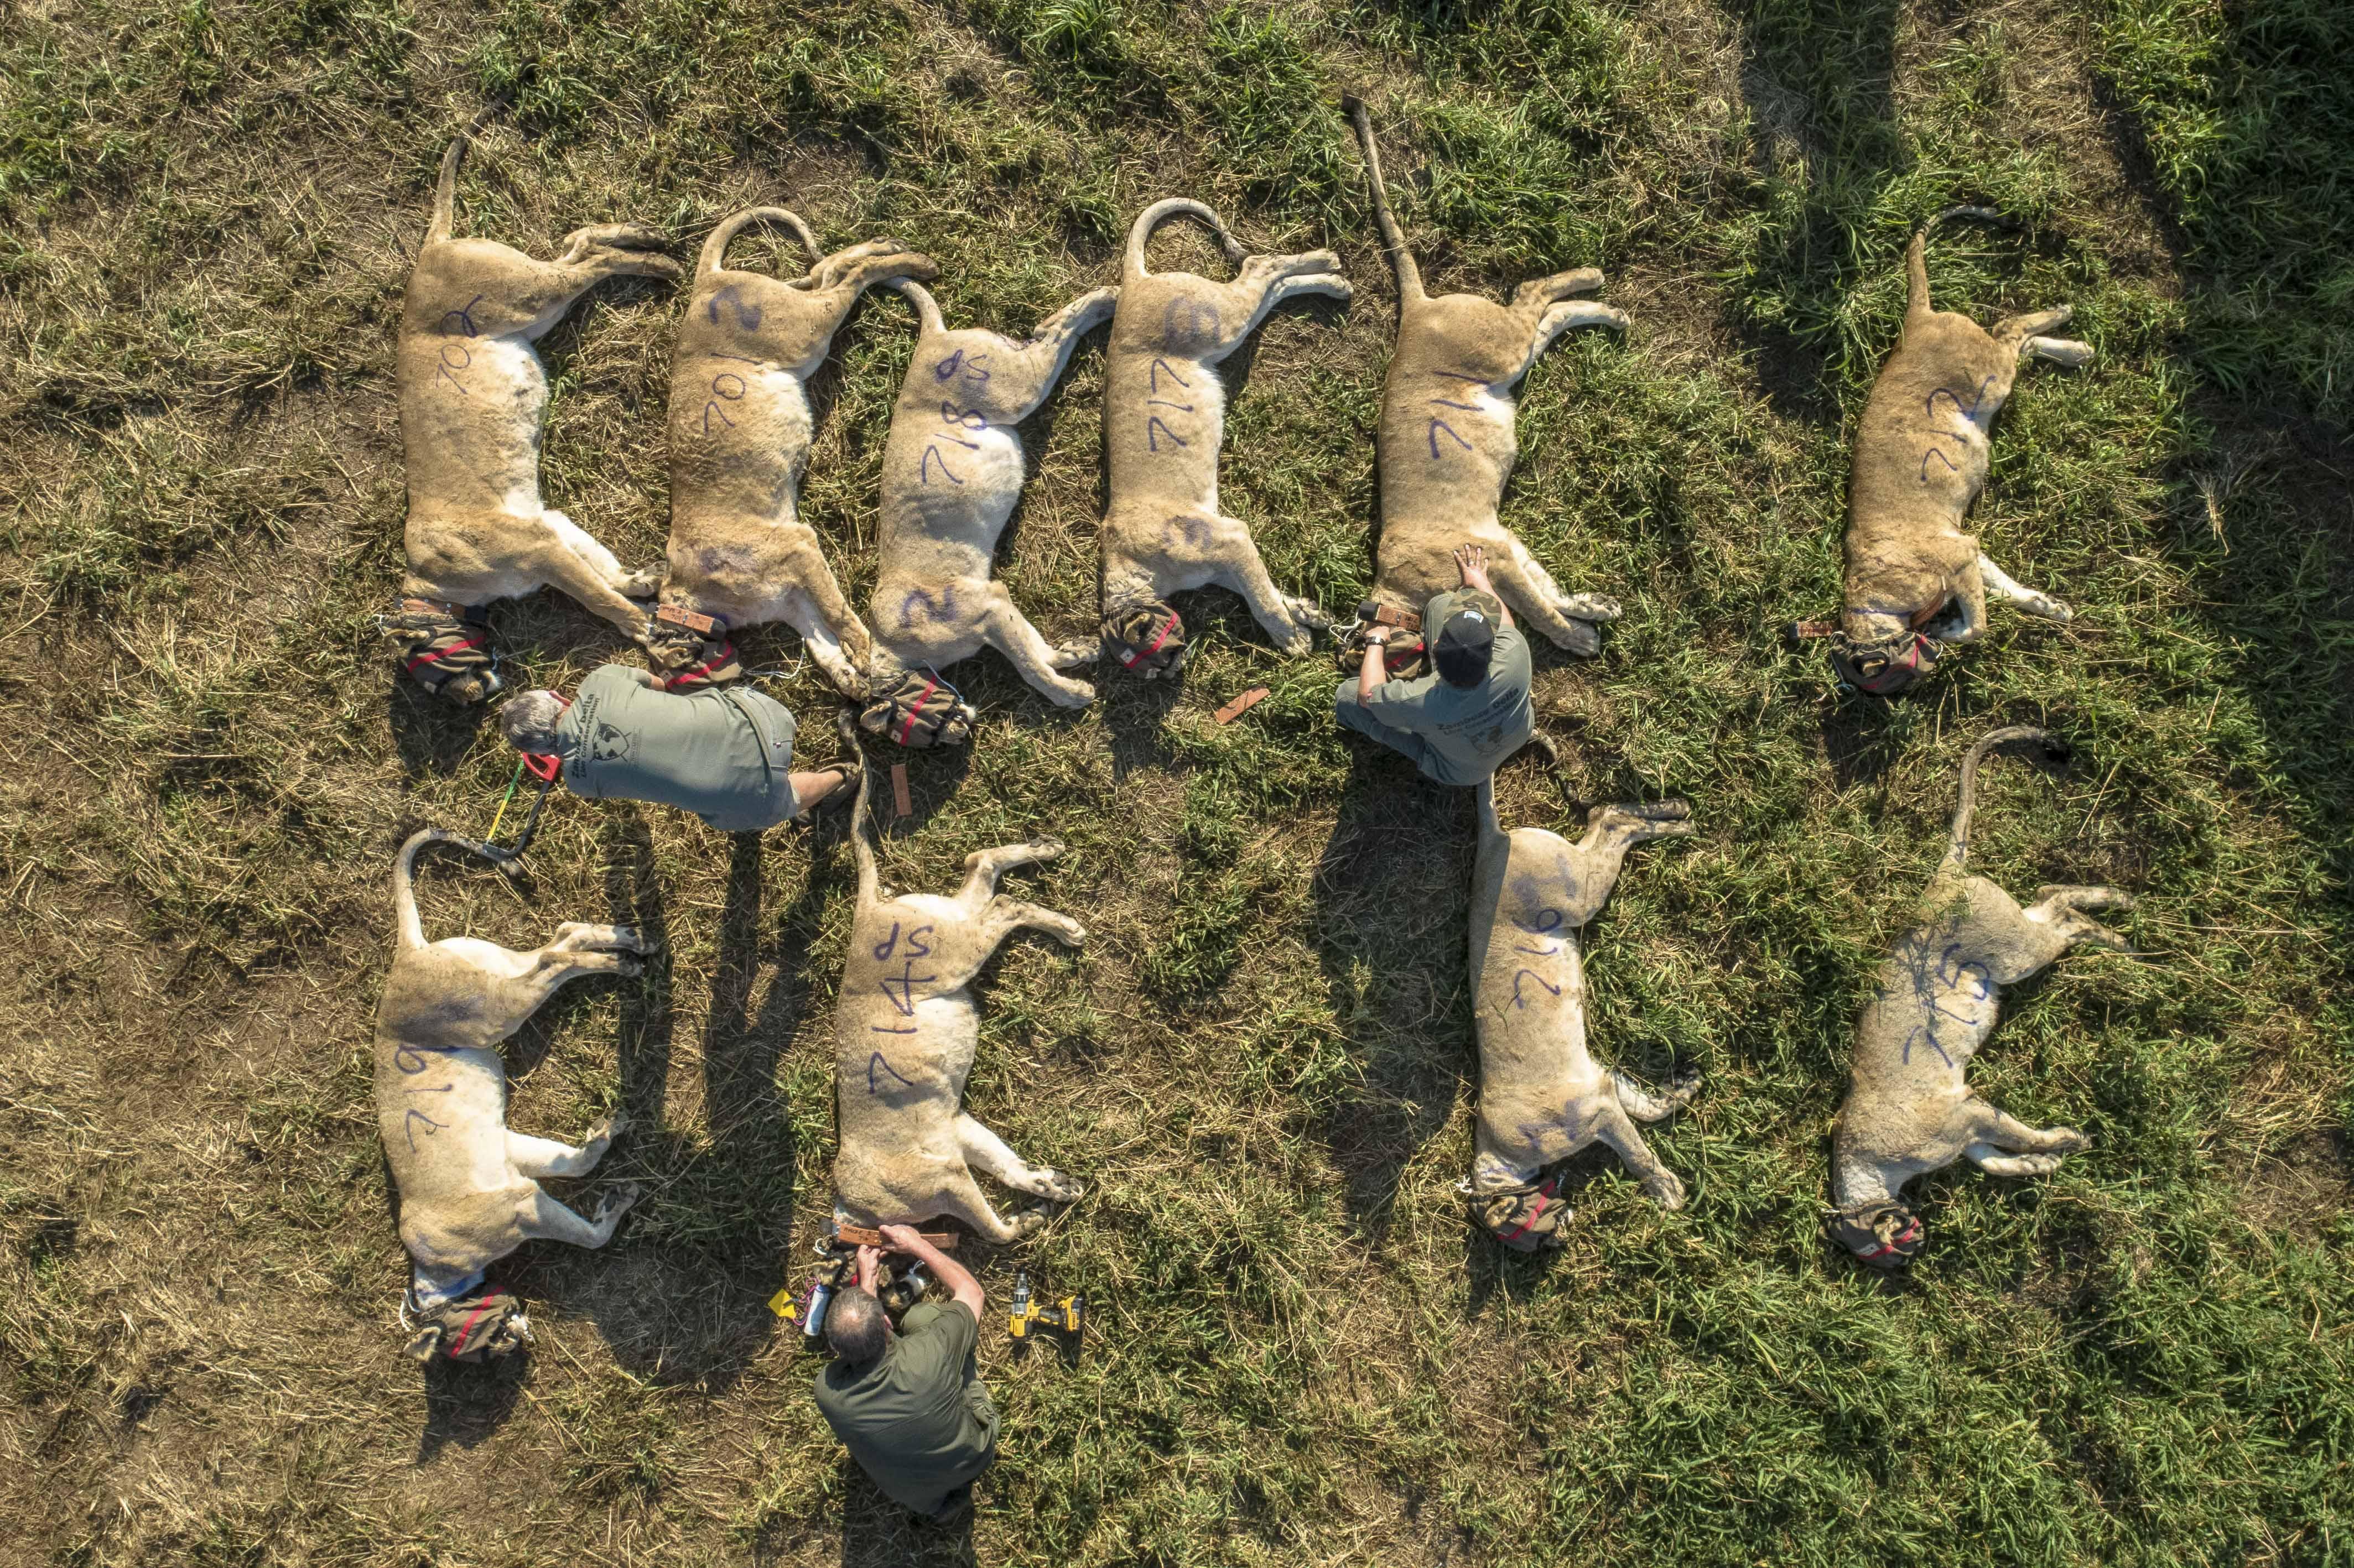 Десятки усыпленных львов готовят ктранспортировке взаповедник Zabeze Delta Conservation вЮжноафриканской республике